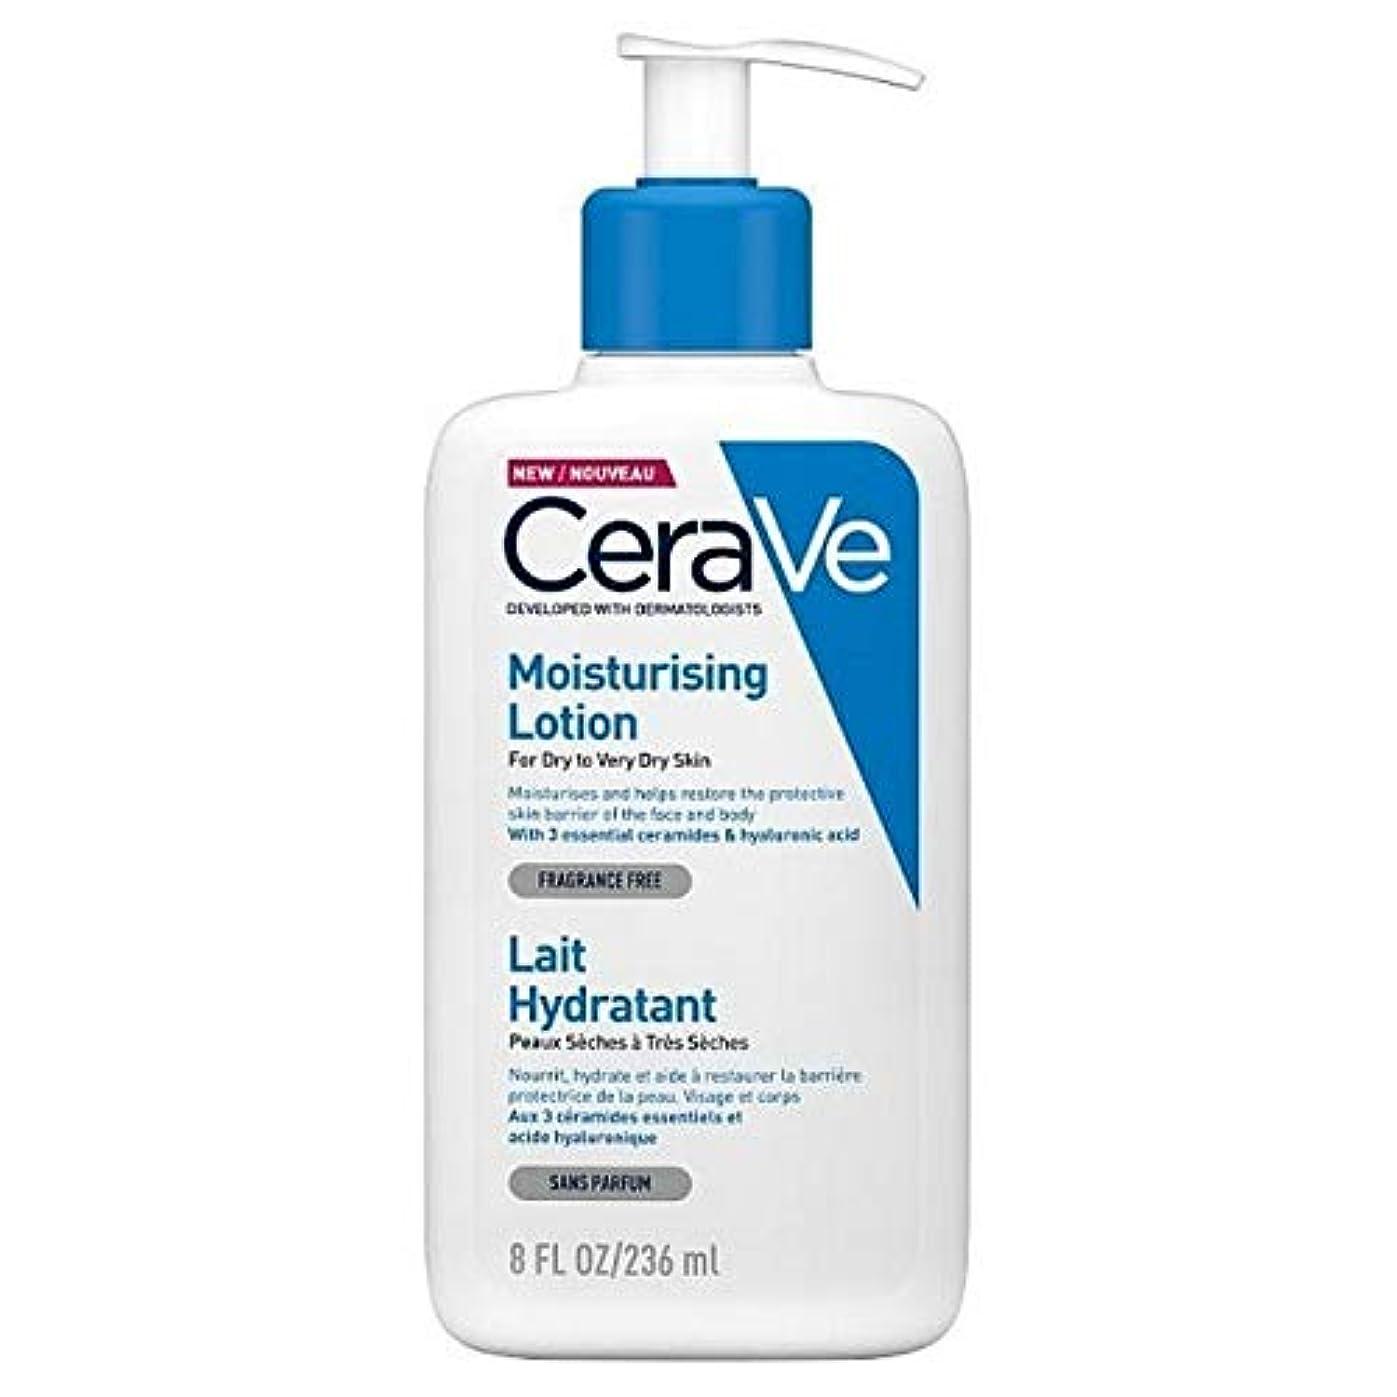 感じコース準拠[CeraVe] Cerave保湿ローション236ミリリットル - CeraVe Moisturising Lotion 236ml [並行輸入品]